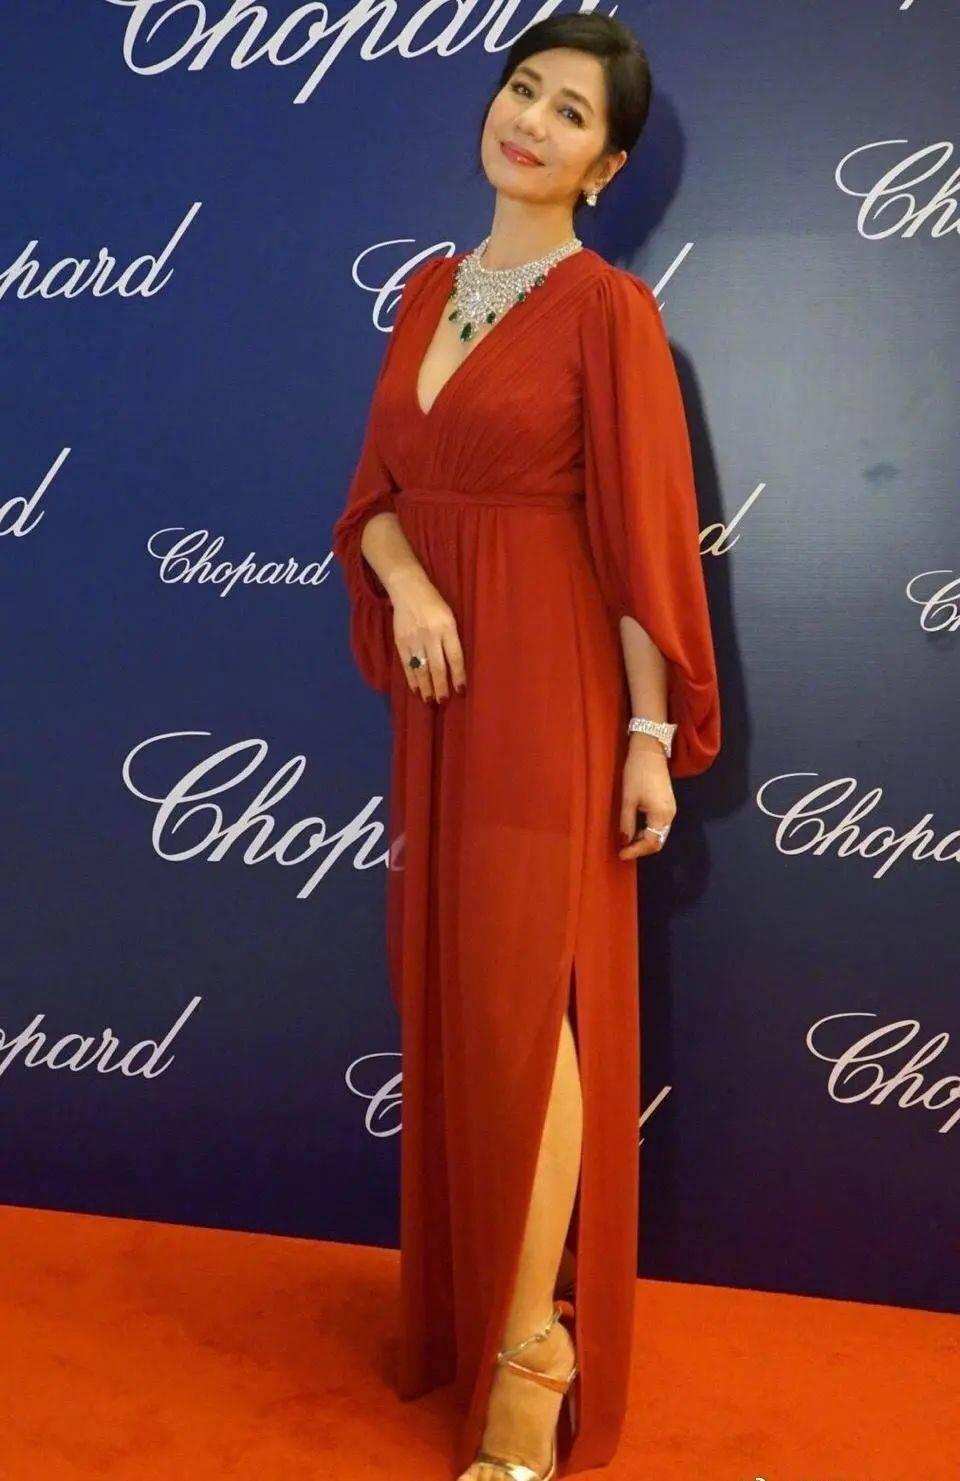 原创             60岁钟楚红魅力不减,穿复古印花裙同框关之琳,名媛气质更胜一筹